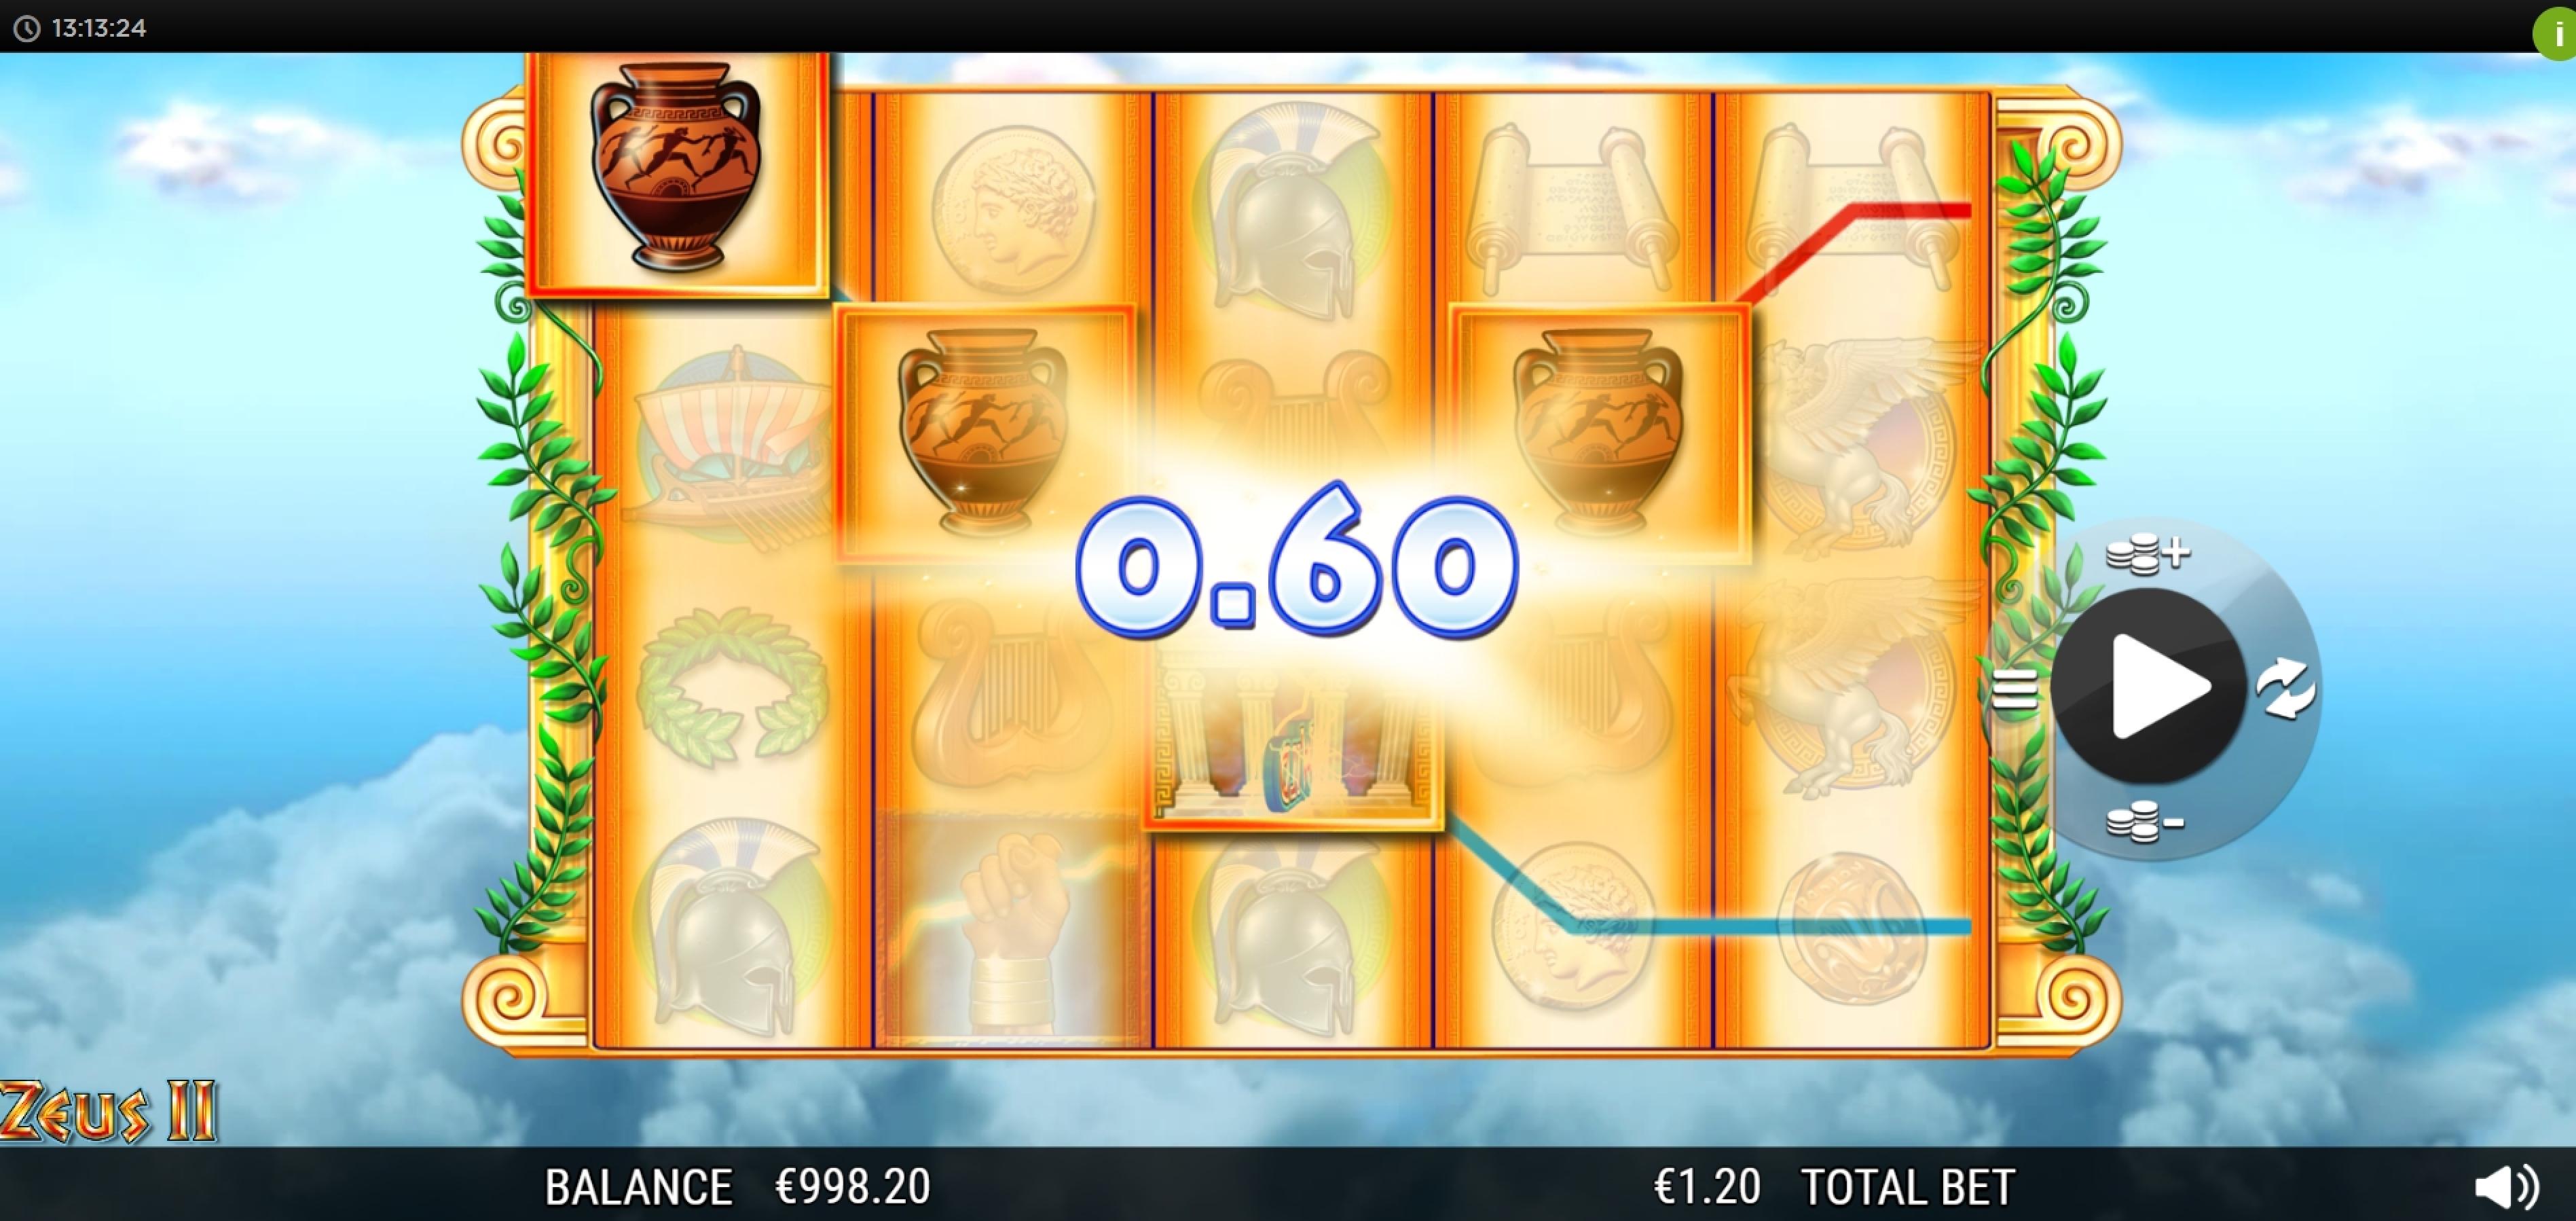 Zeus Ii Slot Machine Online Free